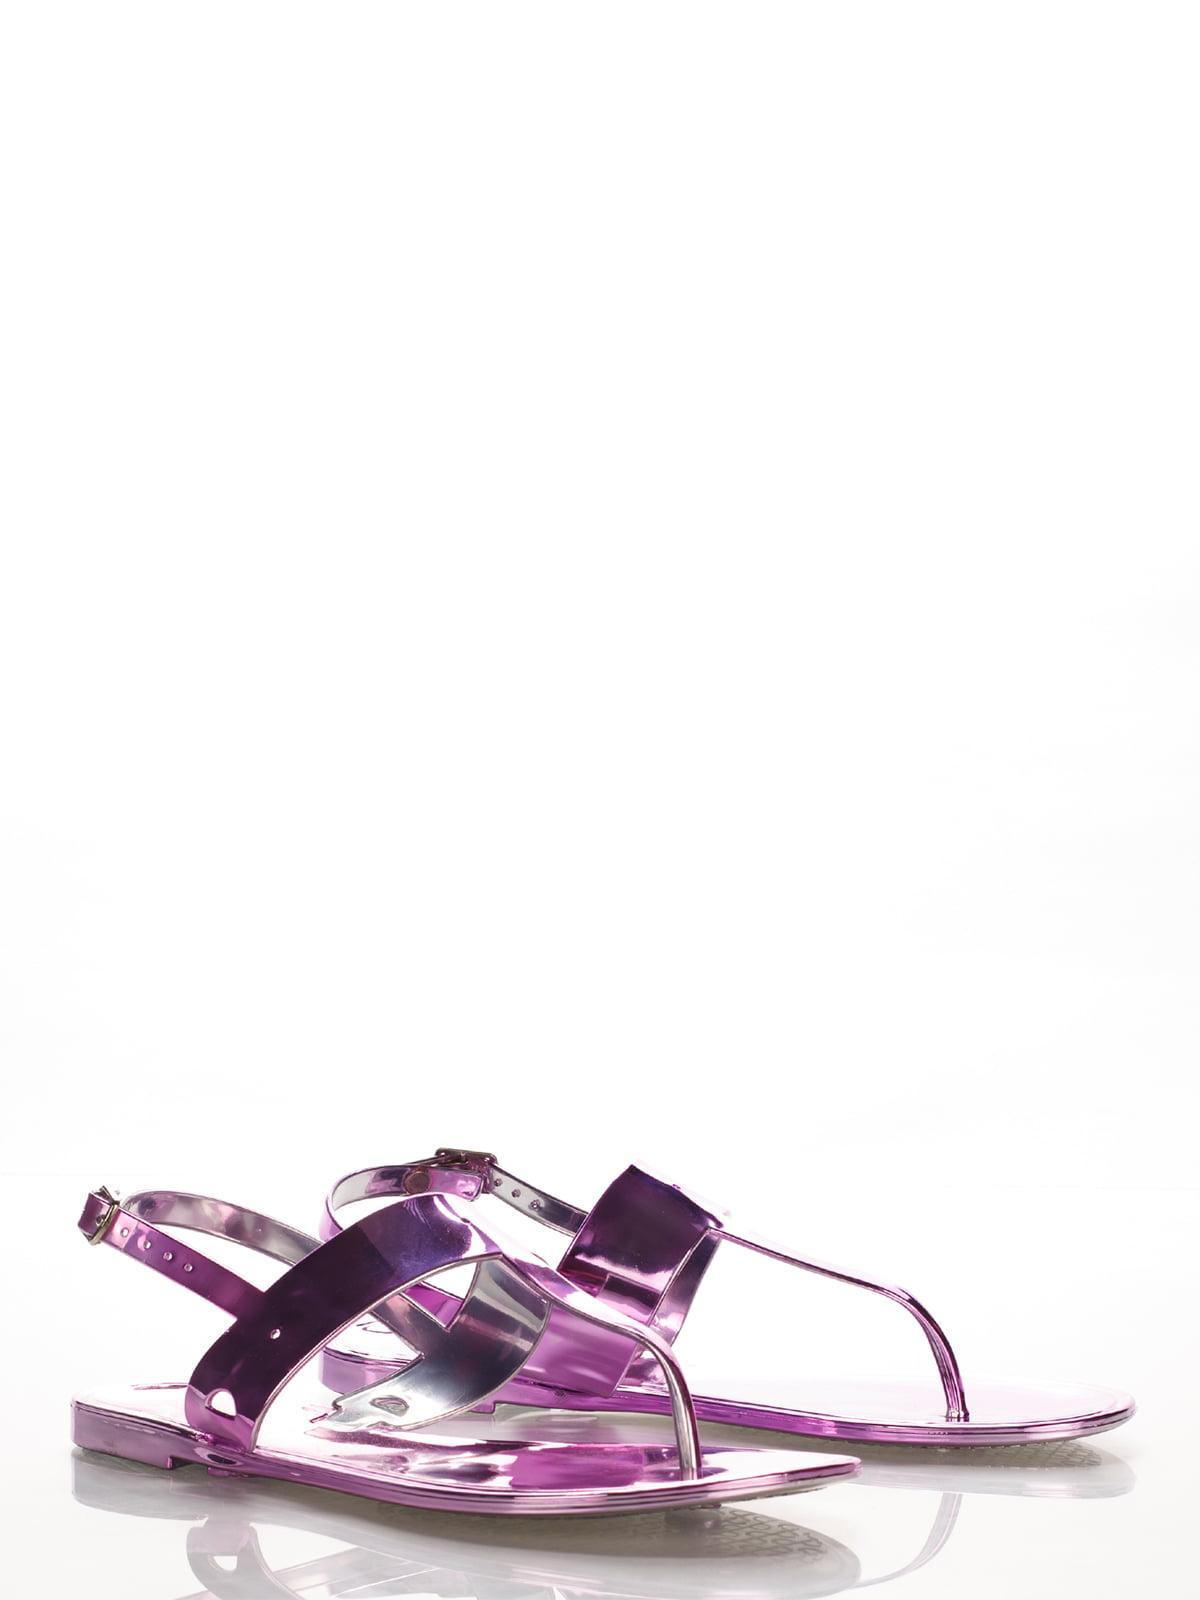 Сандалии-вьетнамки фиолетовые | 2561602